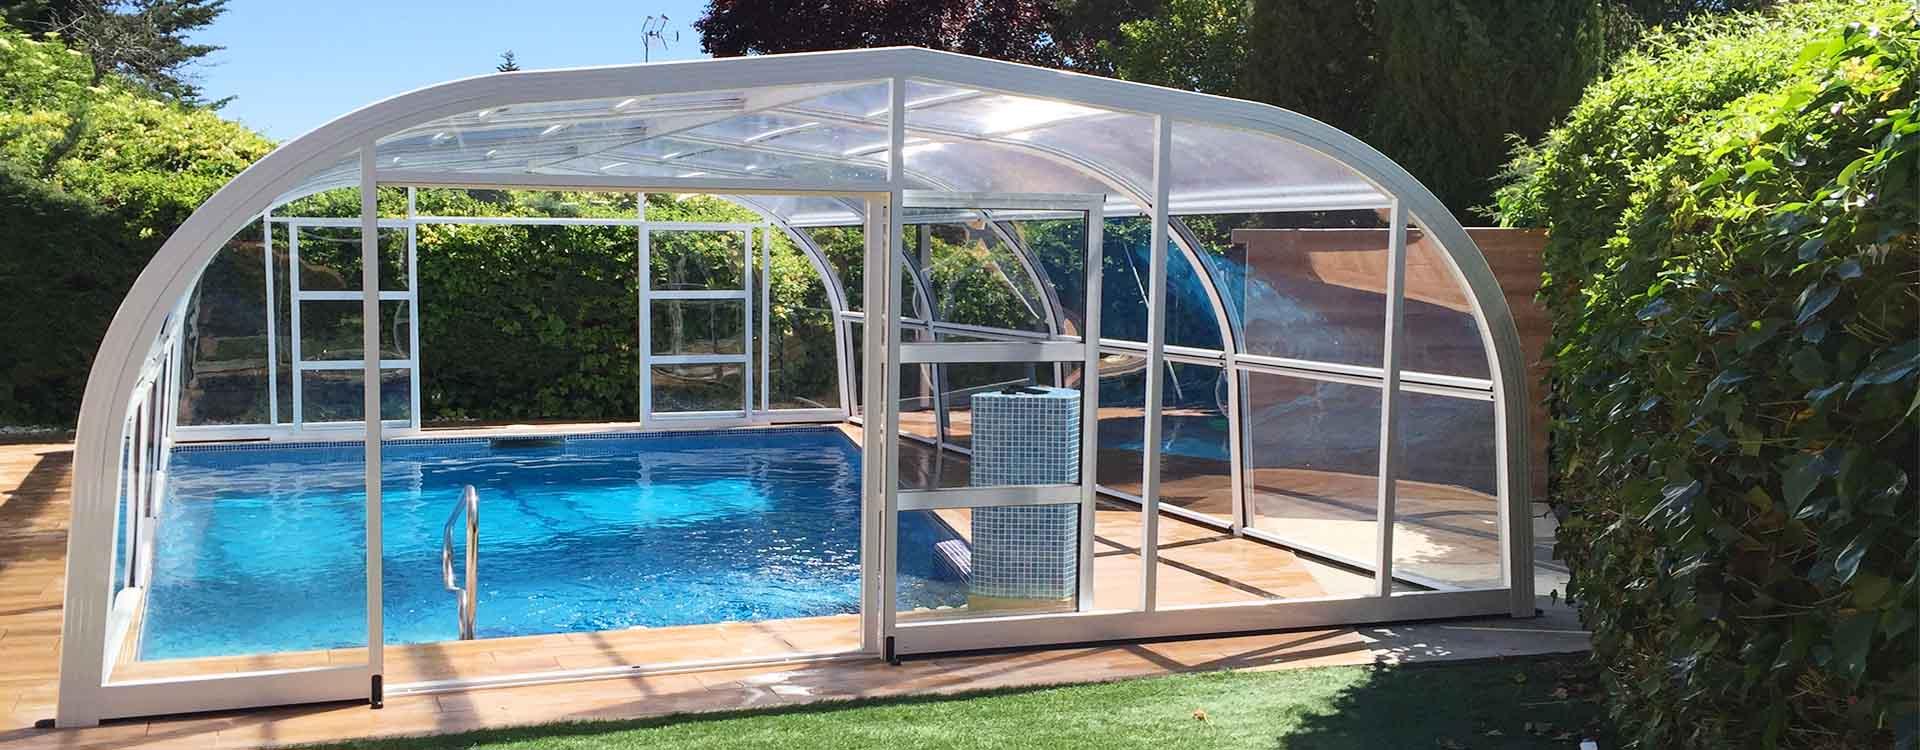 Cubiertas de piscinas y cerramientos modelos 2019 calidad for Cubierta piscina desmontable